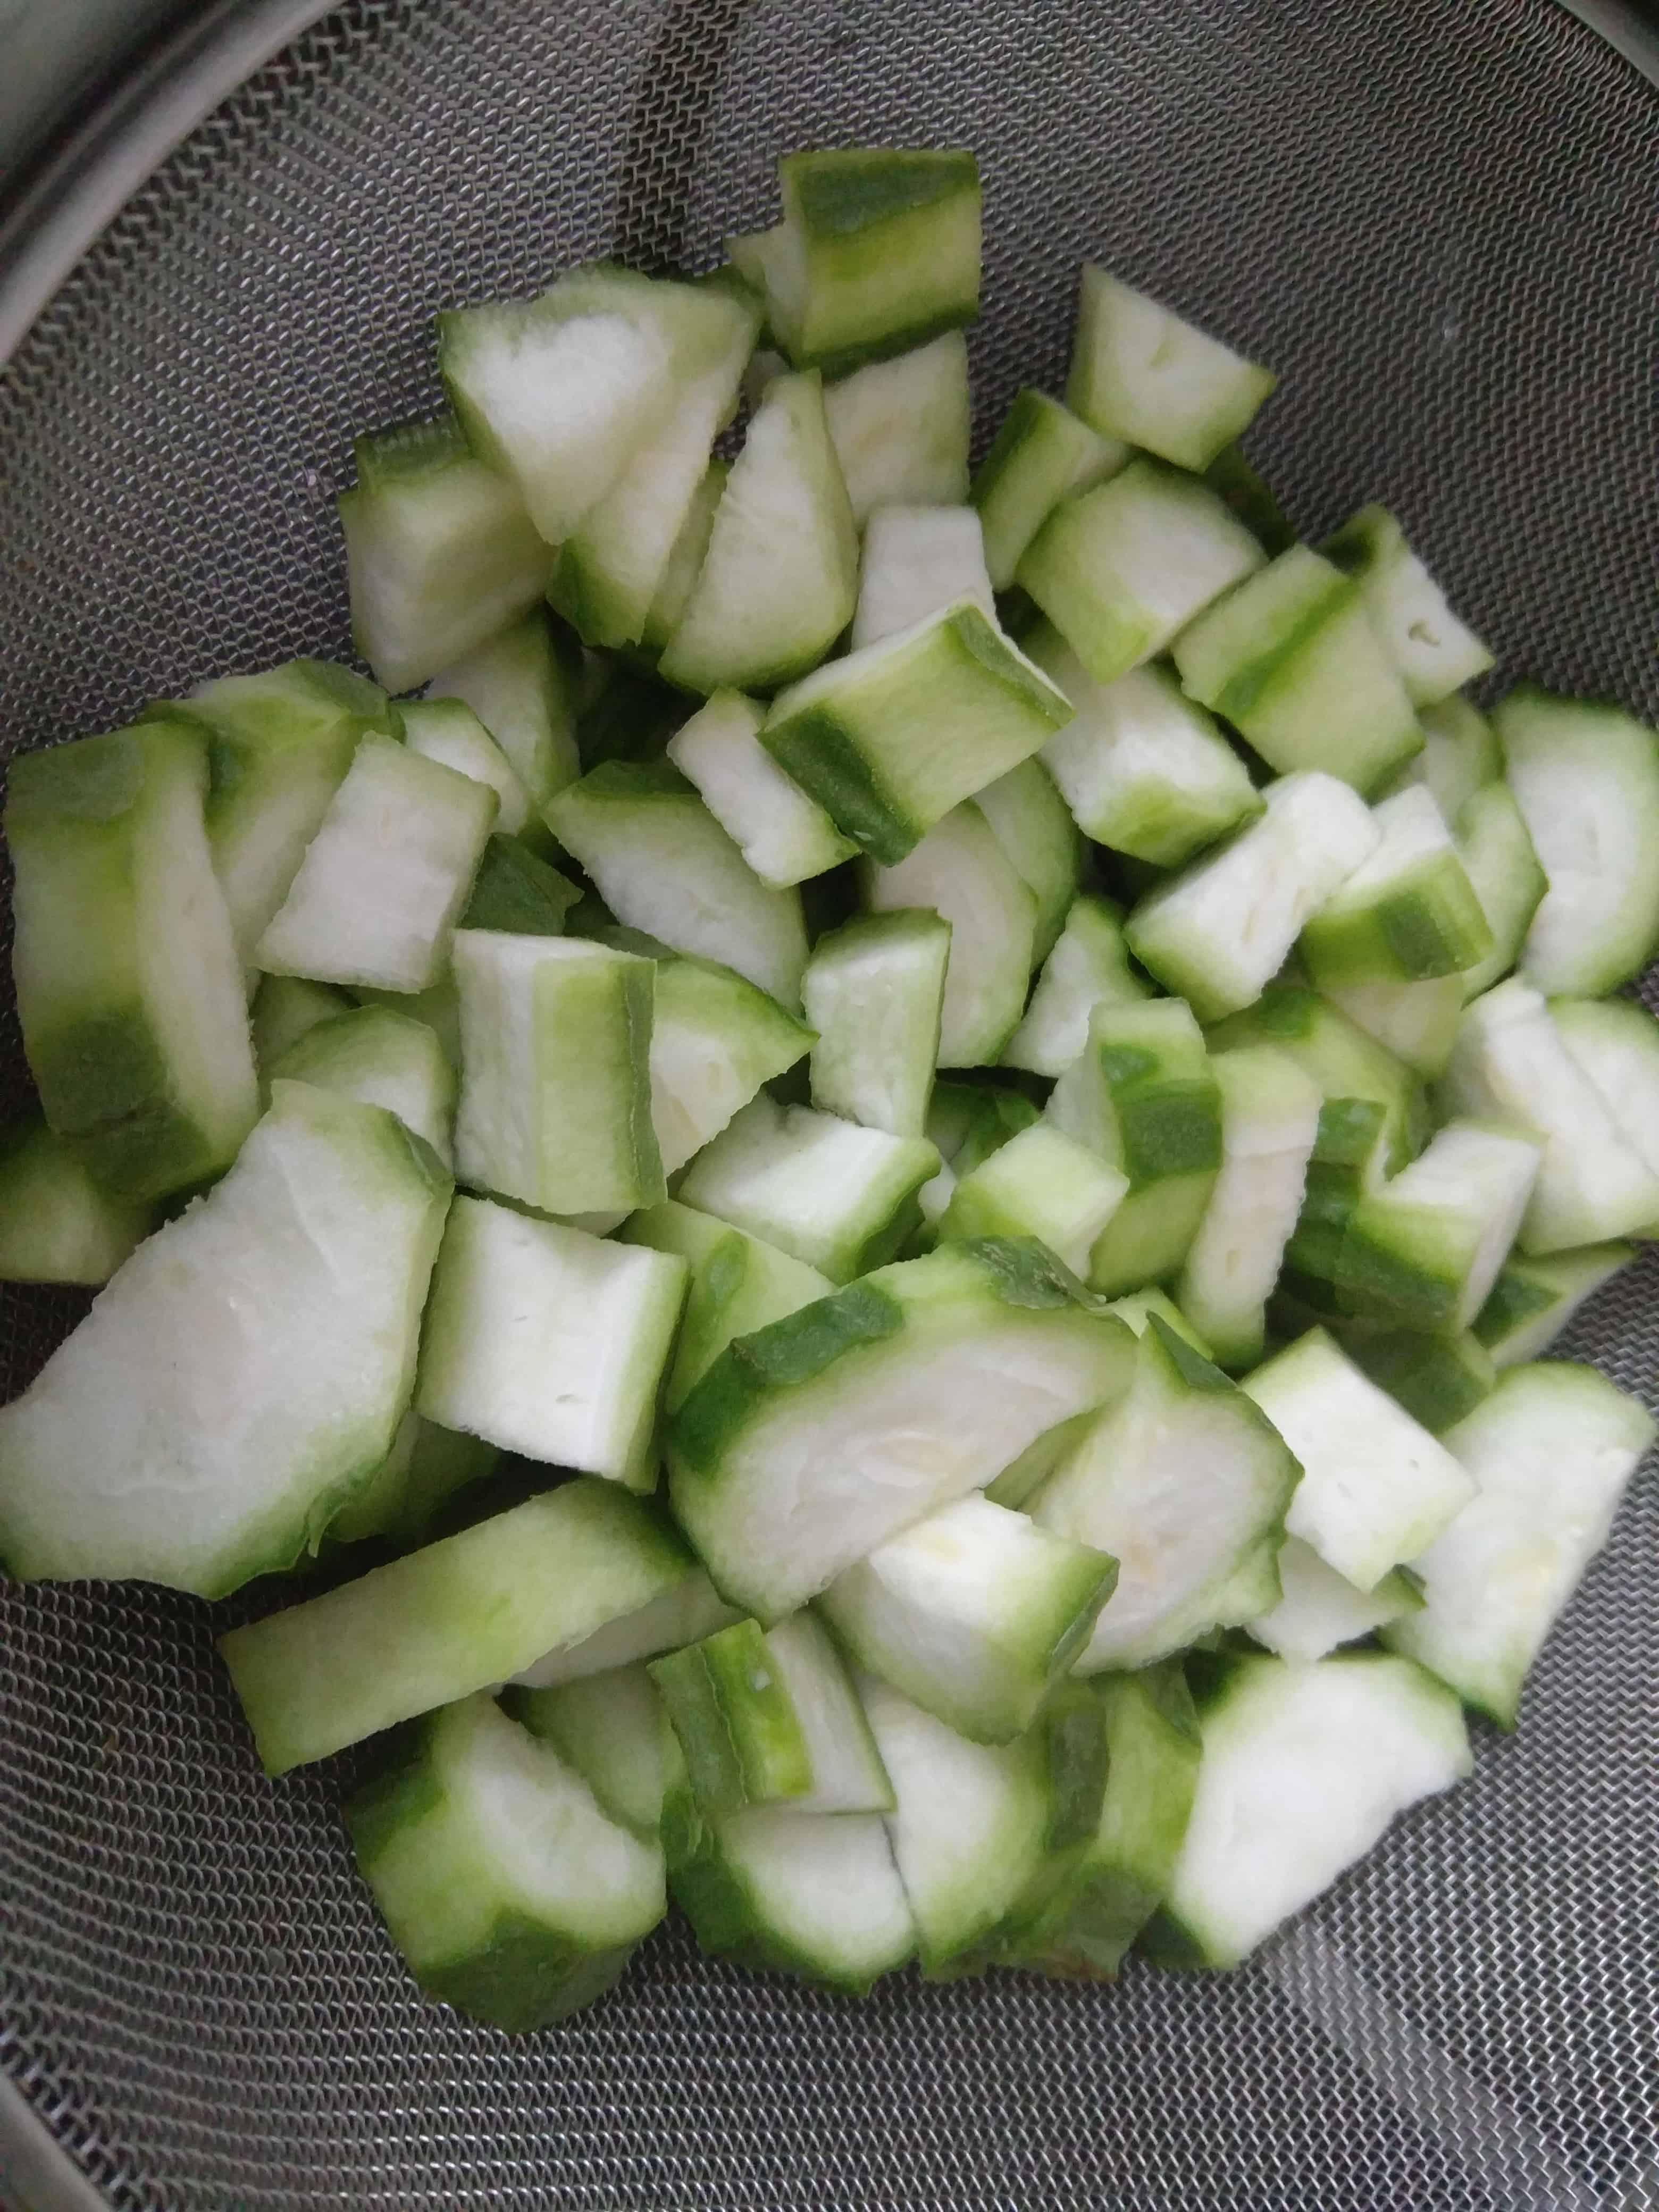 Wash and Peel the Turai or Ridge Gourd